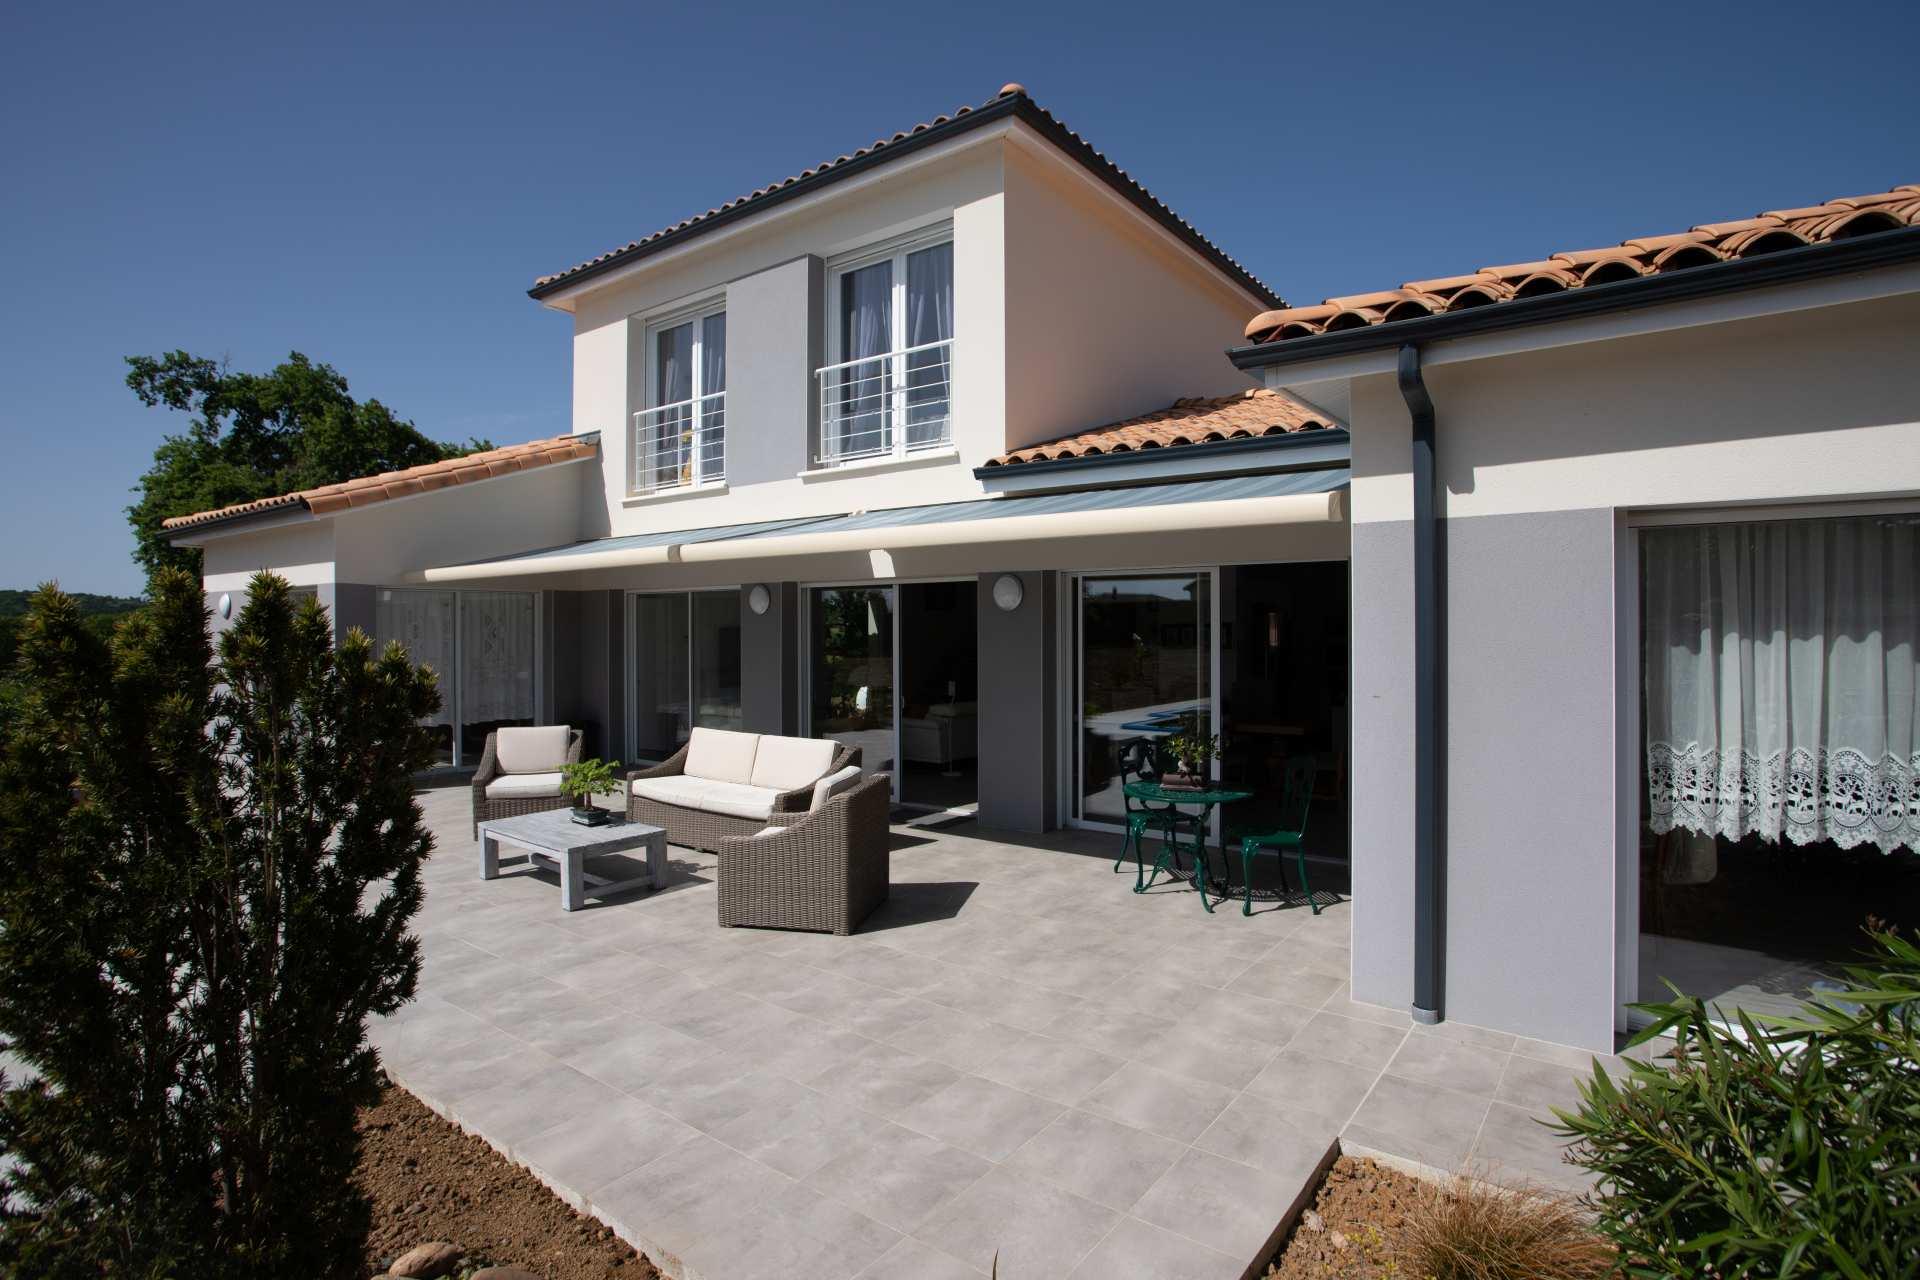 Constructeur_Maison_Gironde_Occitanie_Maisons_Sic